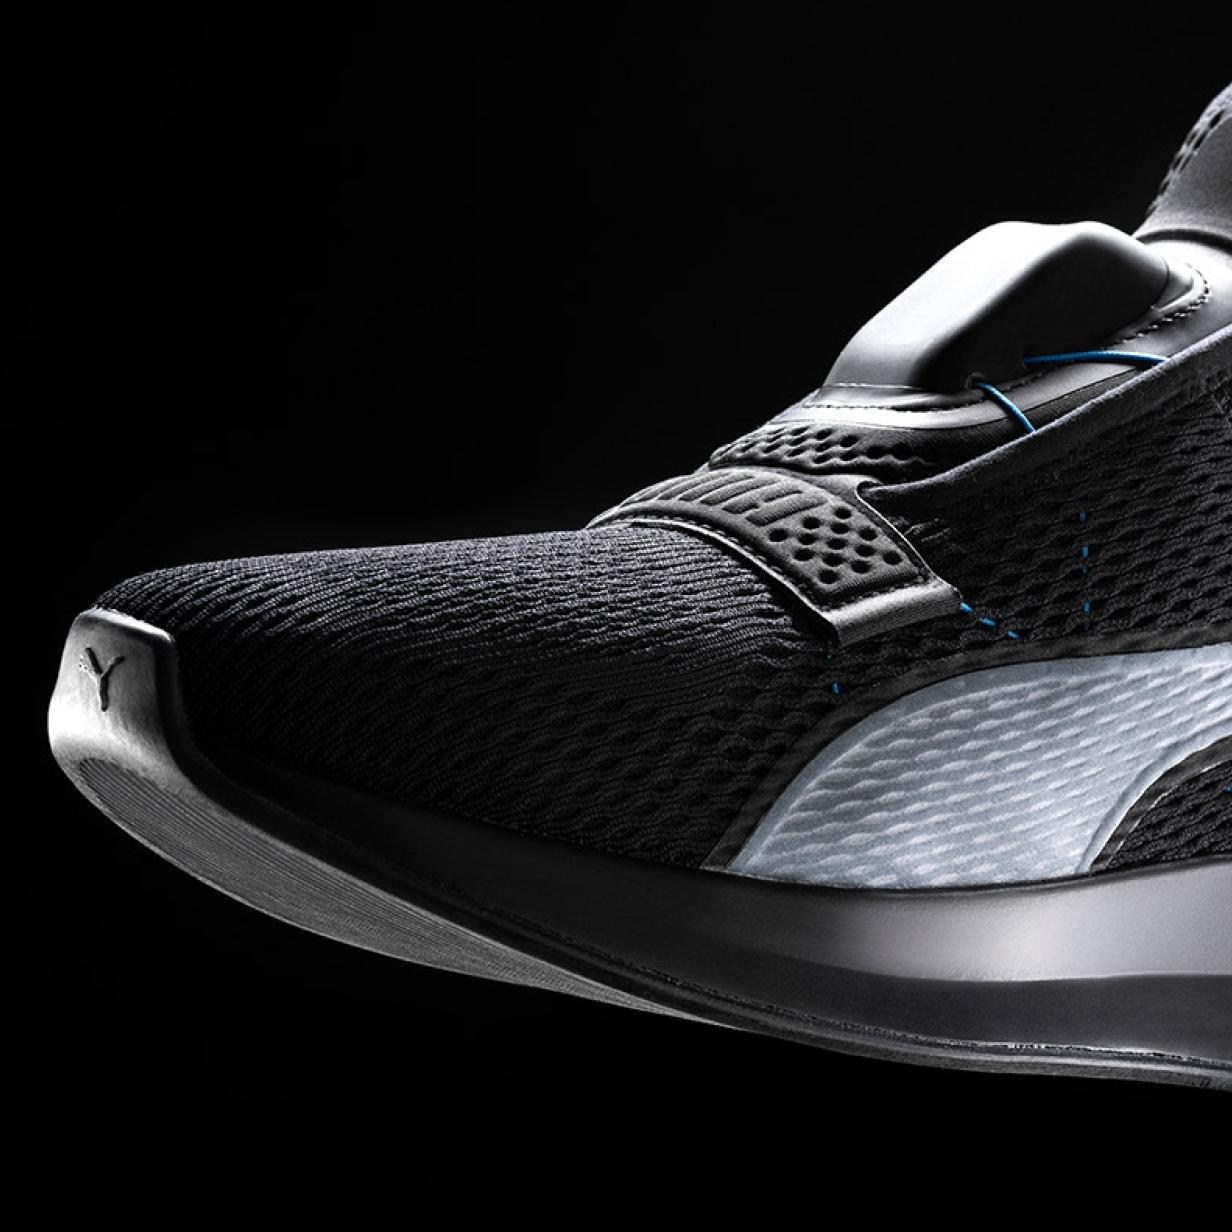 Puma sucht seine selbstschnürenden Tester für Schuhe 7f6gbYyv